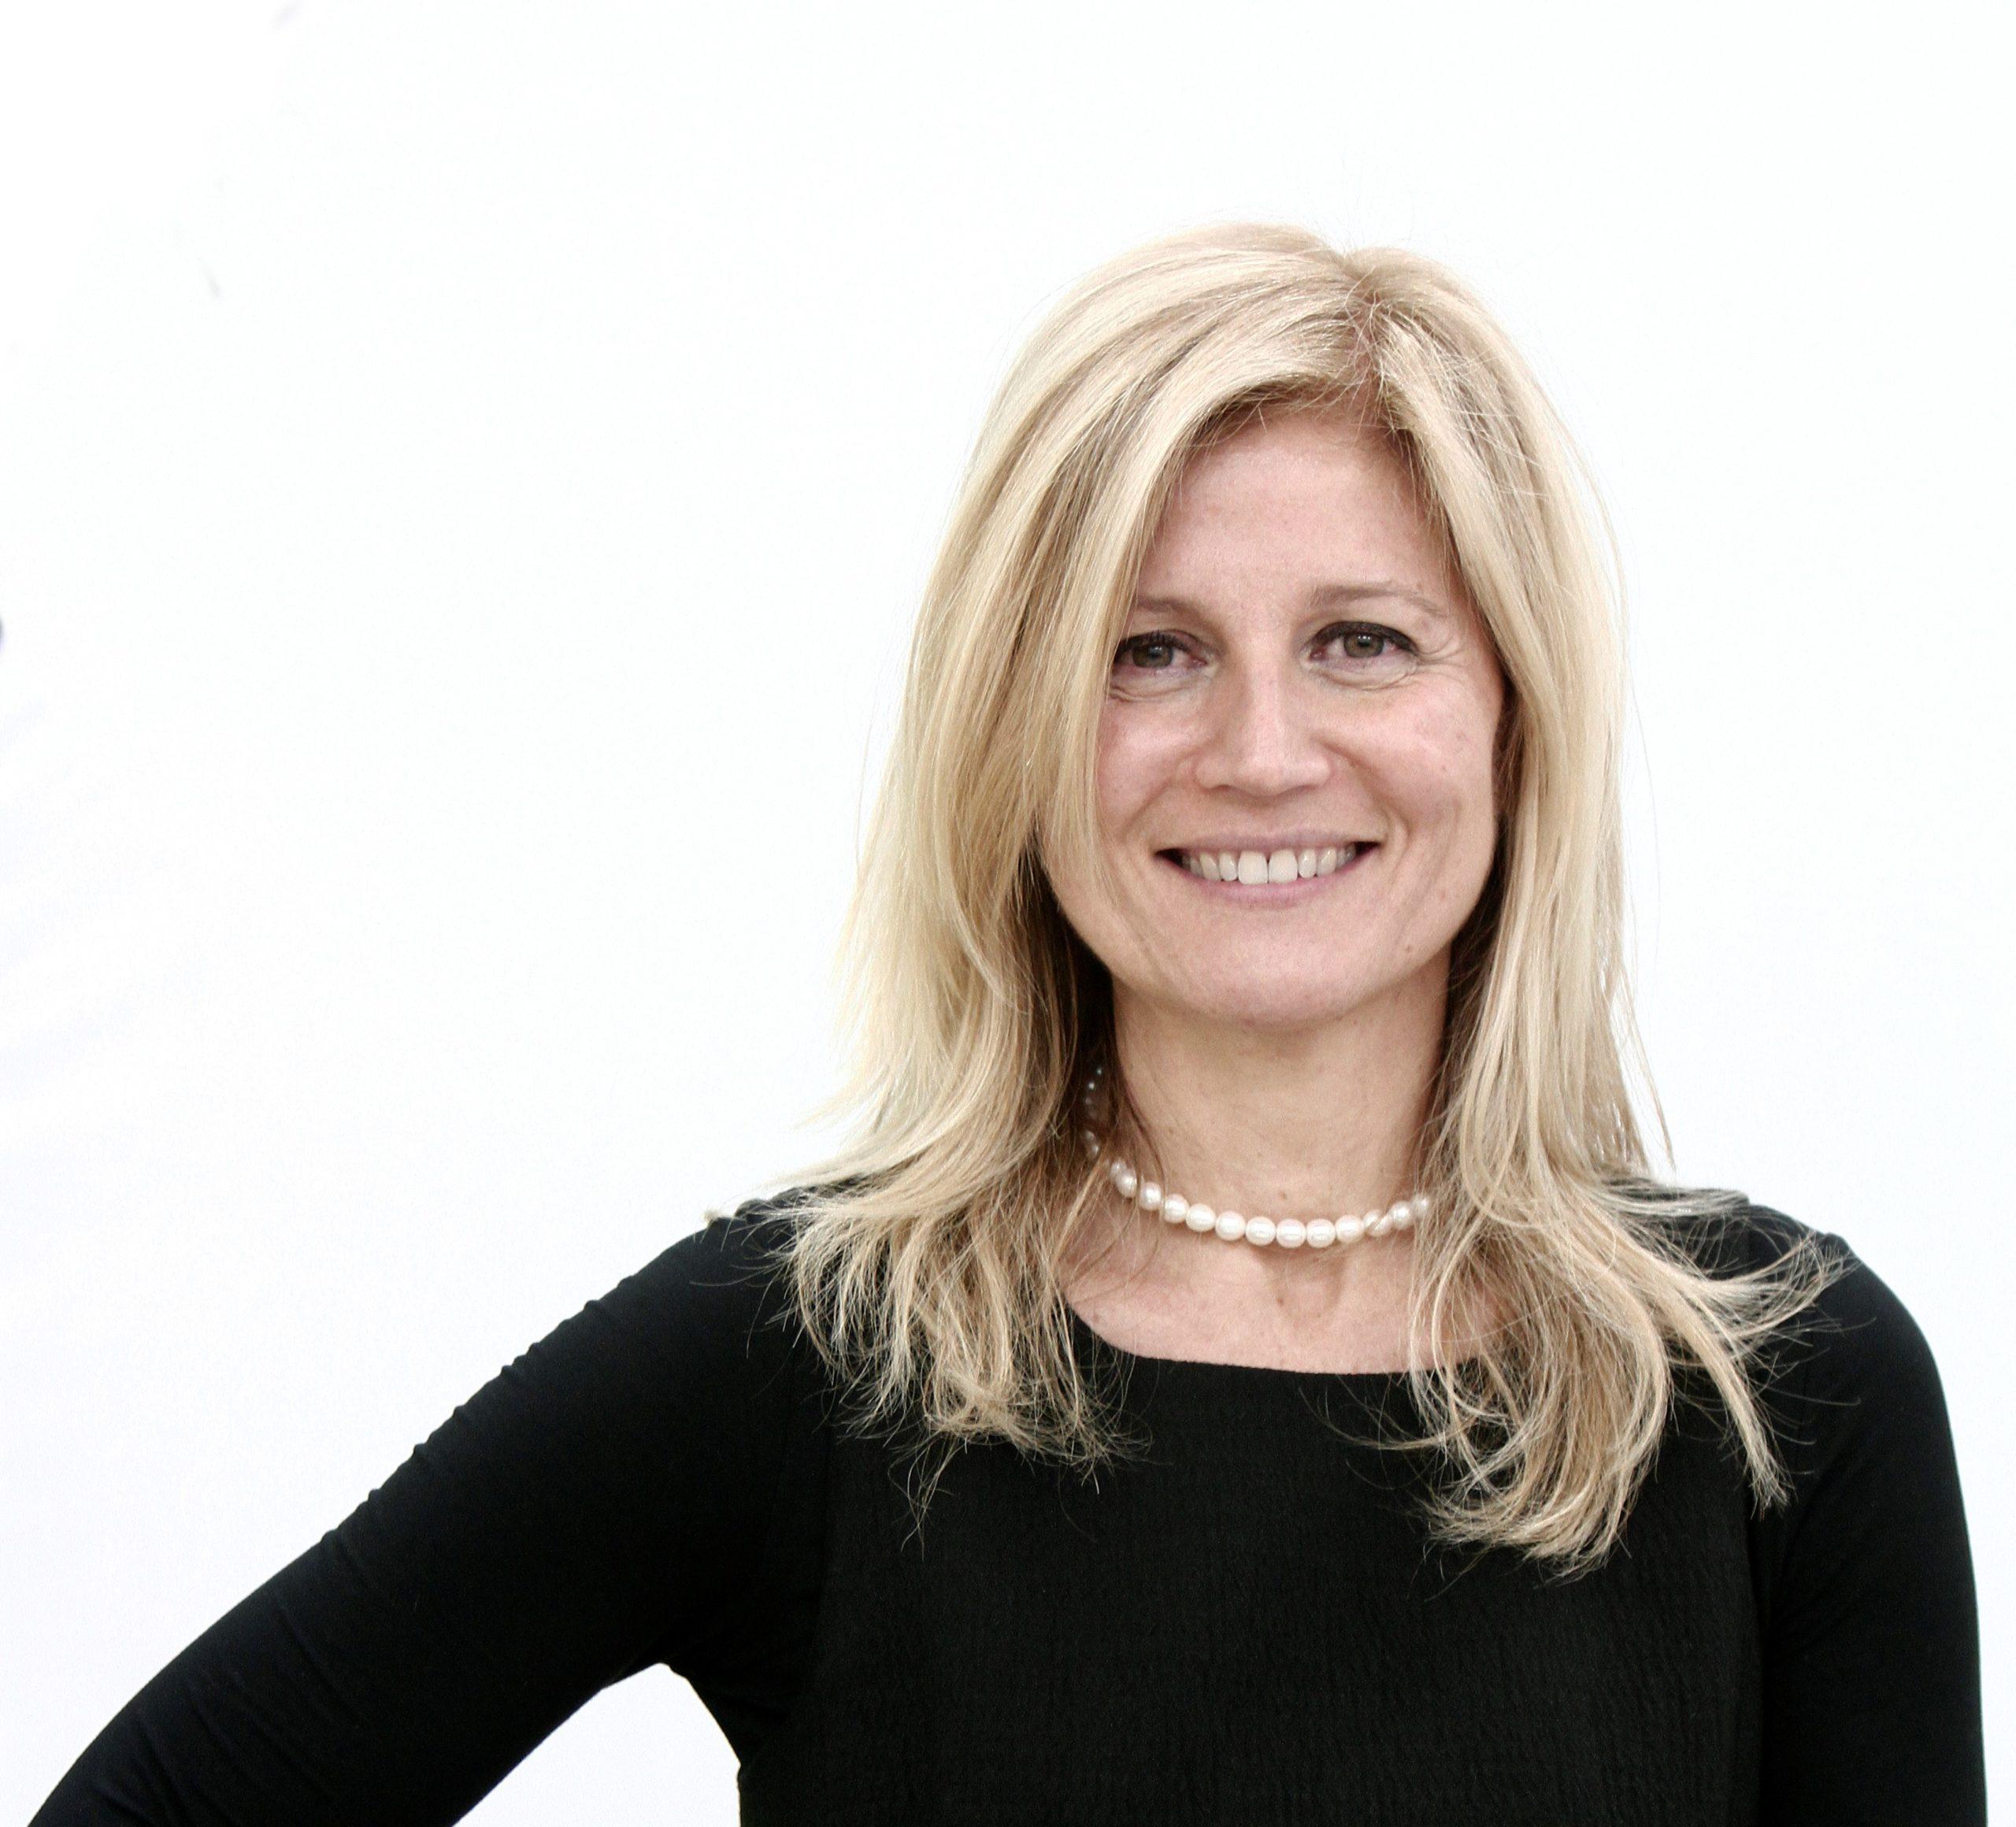 """Michilli, Mondo Digitale: """"La crisi si è abbattuta sulle donne, investire sulle e-skill"""""""